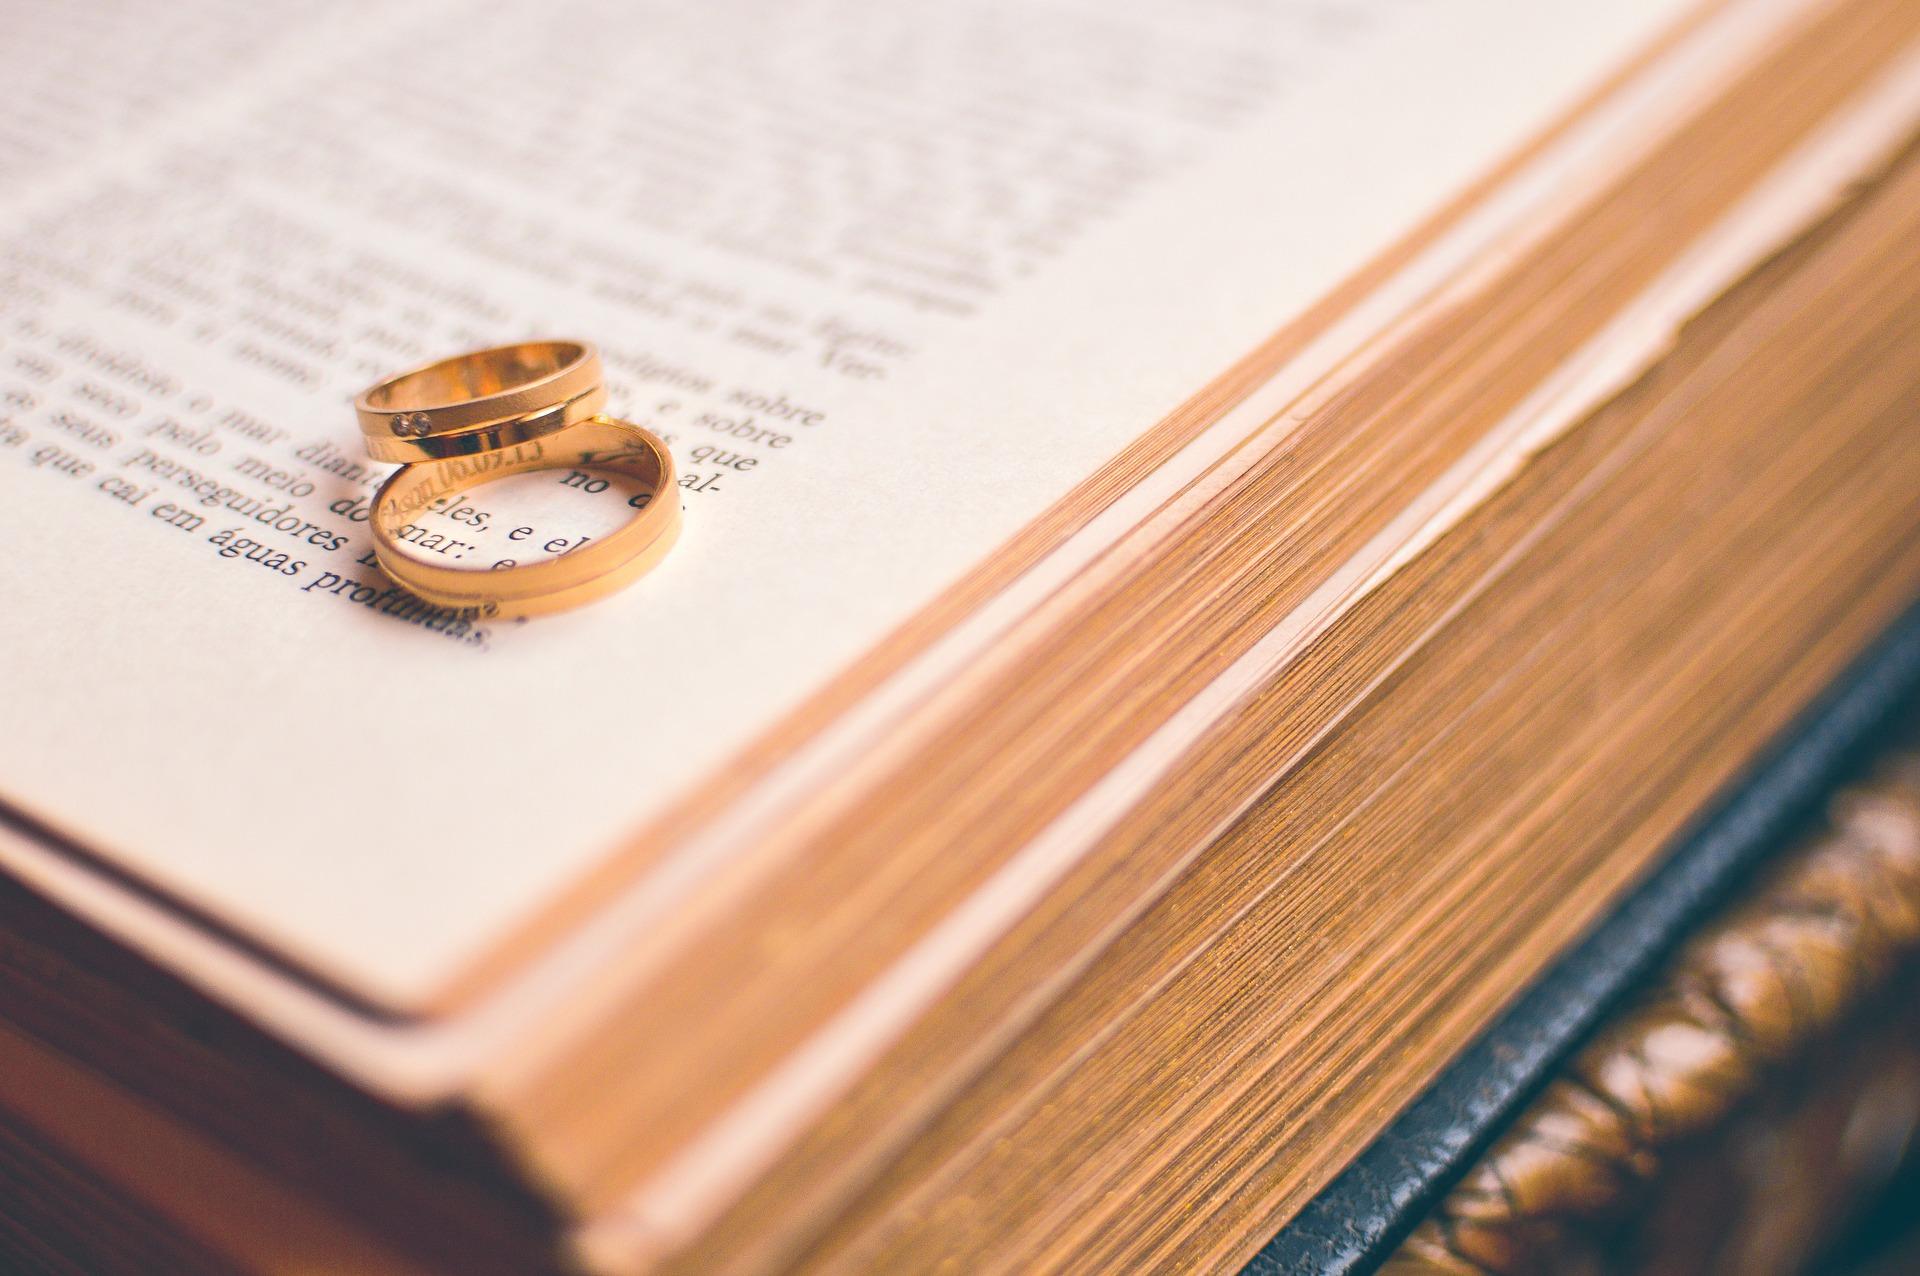 etapy procesu o stwierdzenie nieważności małżeństwa